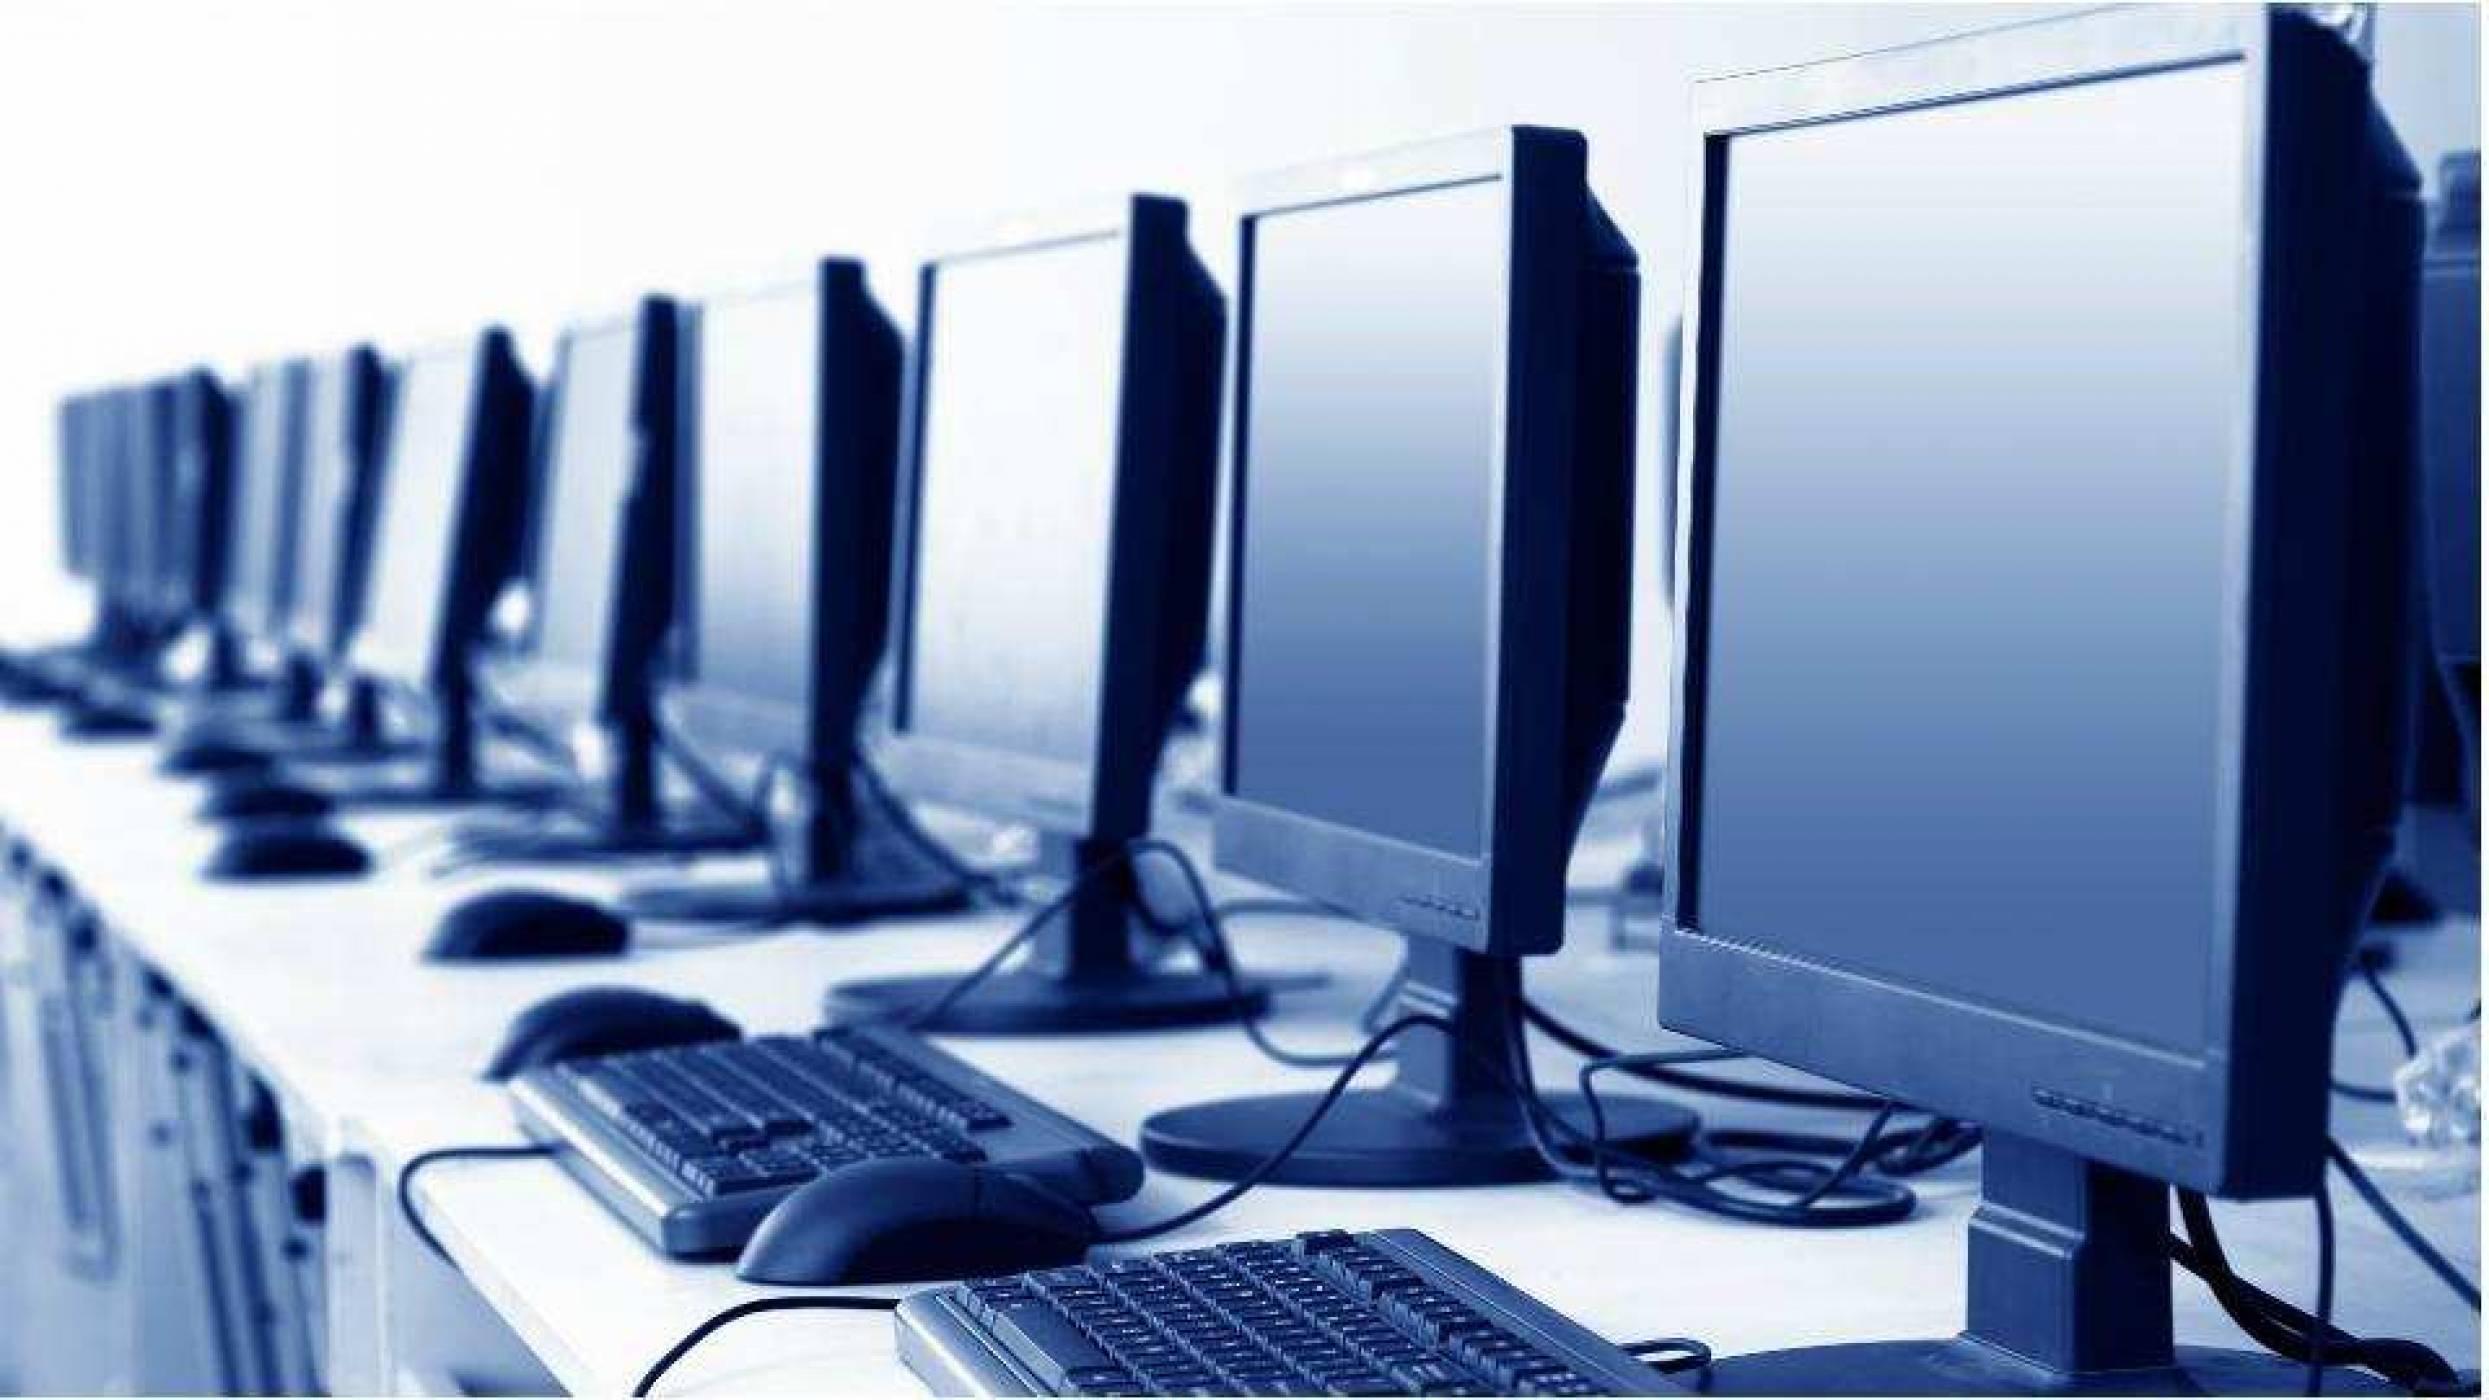 Продажбите на PC-та със сериозен спад. Дялът на Apple също бележи намаление